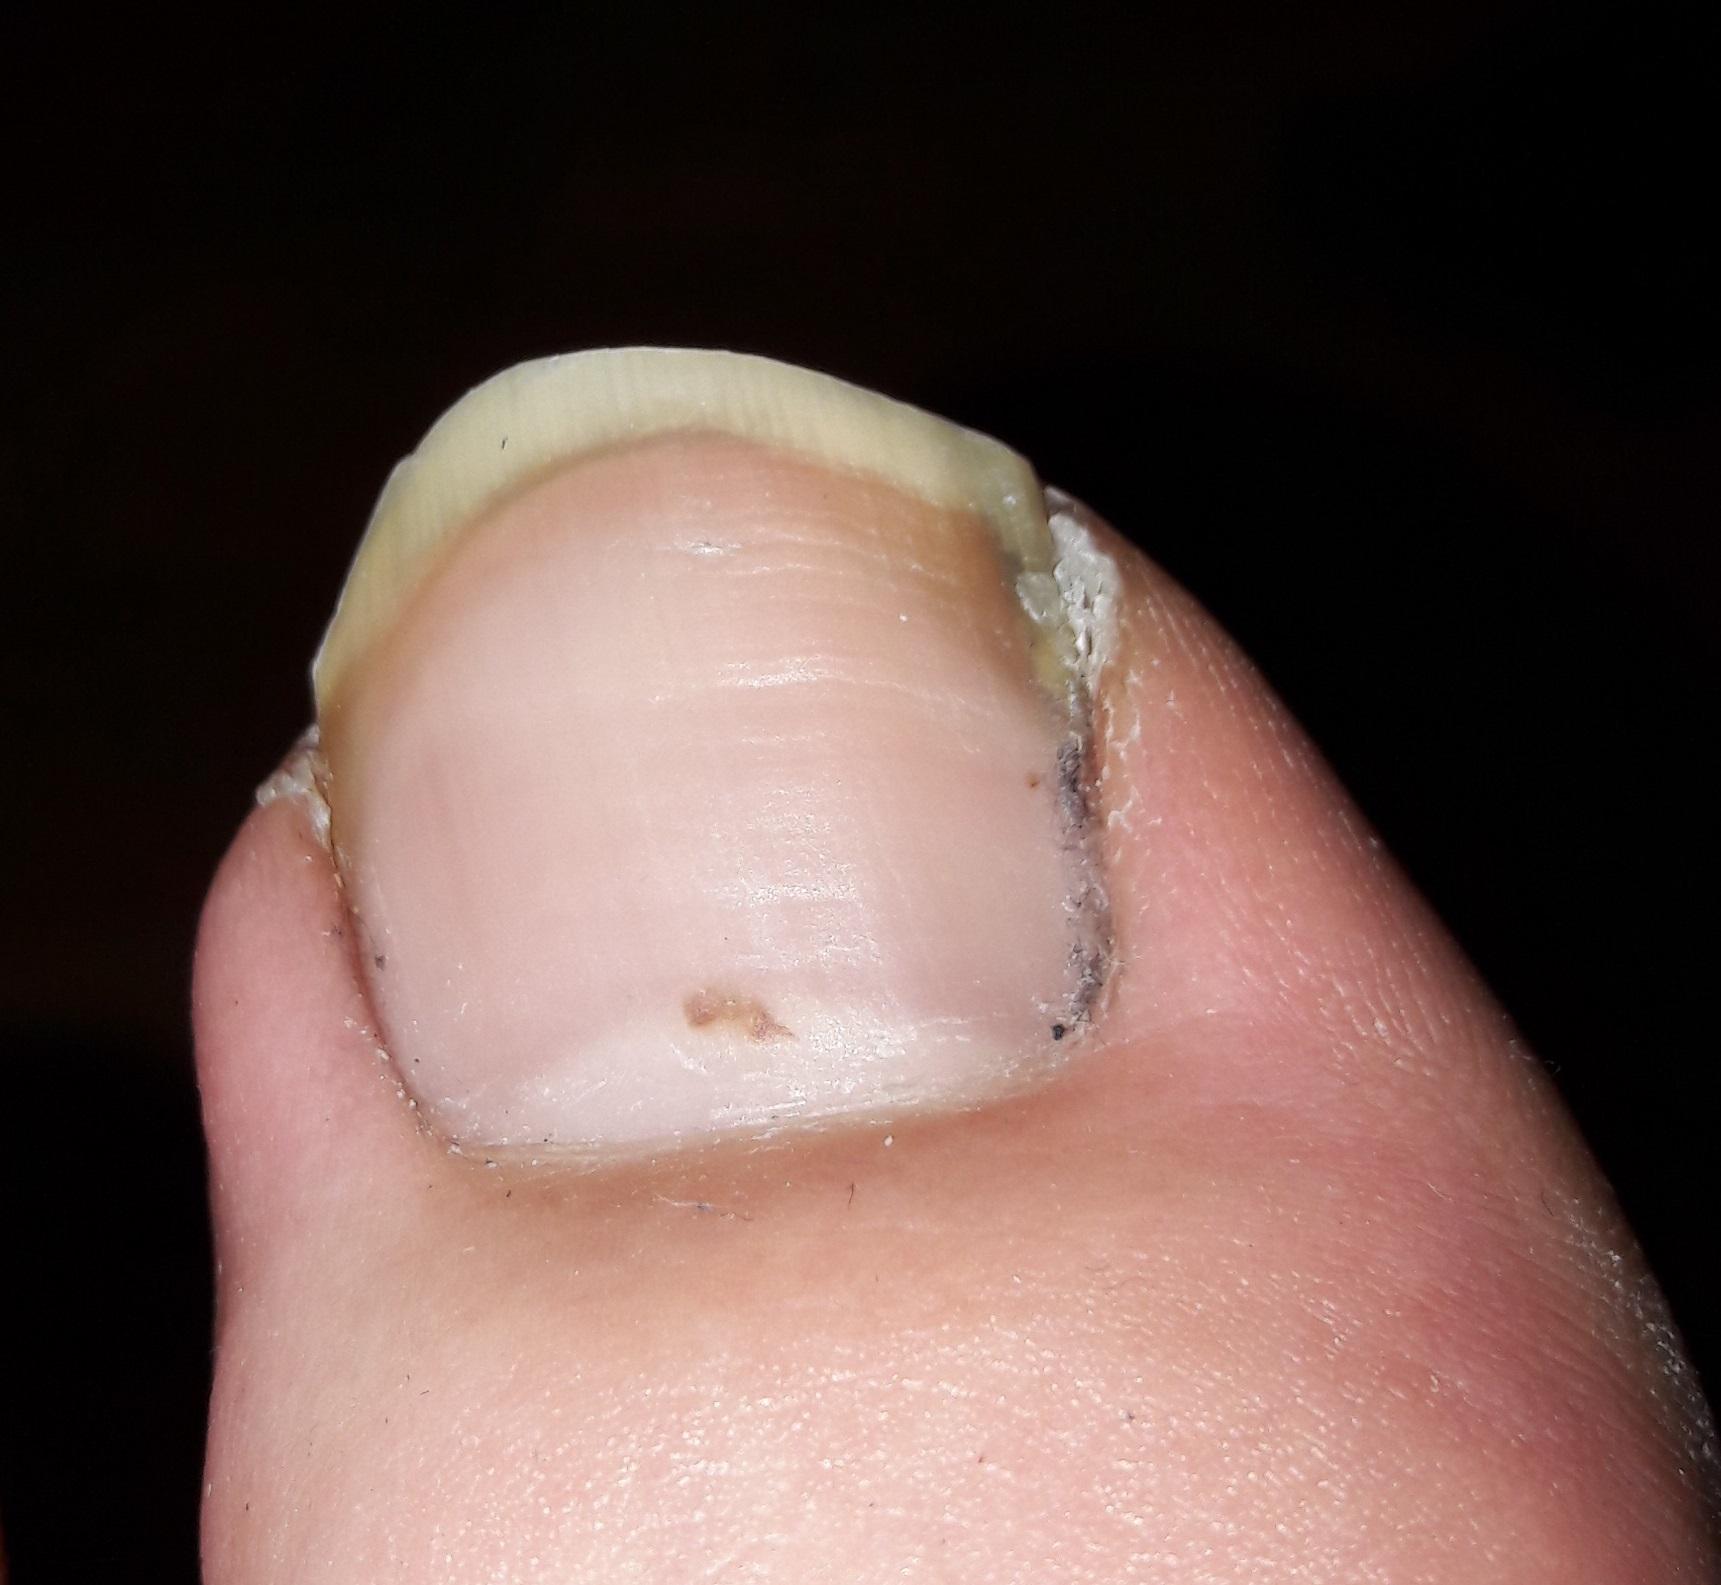 Hallo, Ich habe heute am Nagel meines Zehes einen kleinen